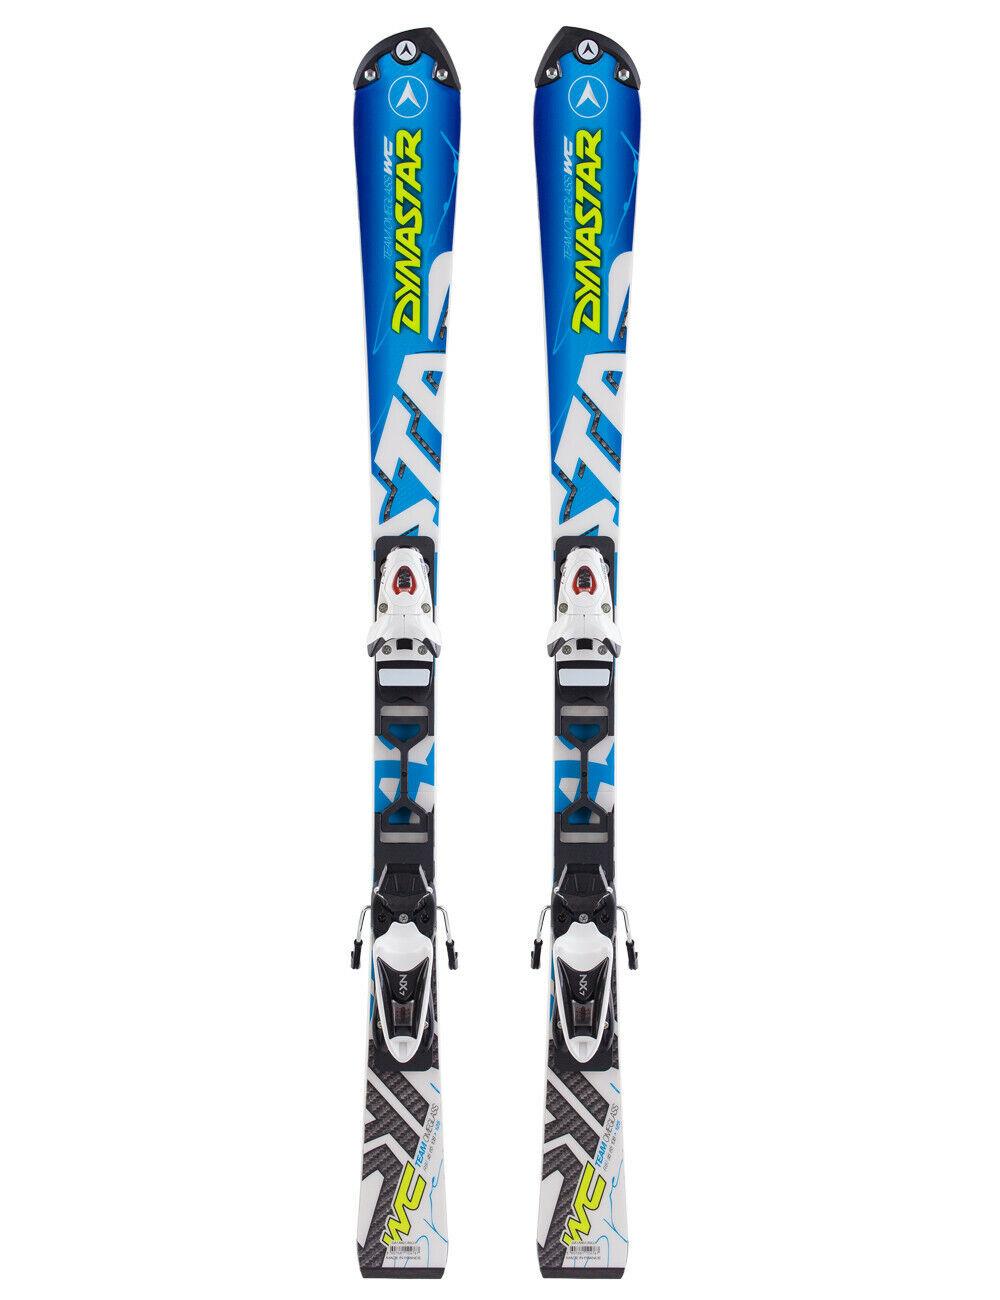 Neue Kinderski sport Ski Dynastar Team OmeGlass WC RaceFlexJR+ Look NX JR7 125cm